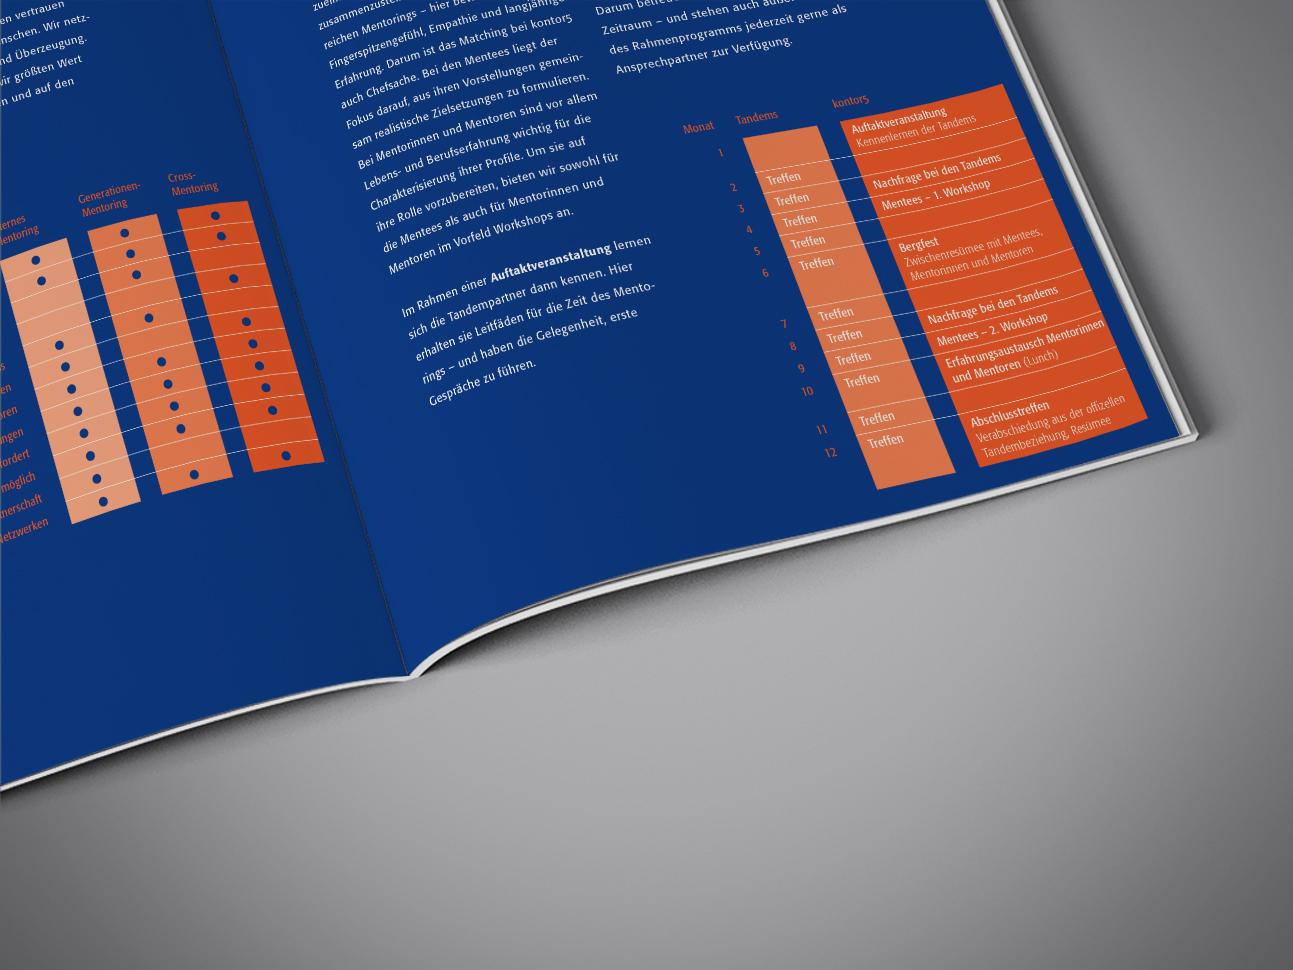 martin_zech_design_corporate_design_kontor5_imagebroschuere_detail_1